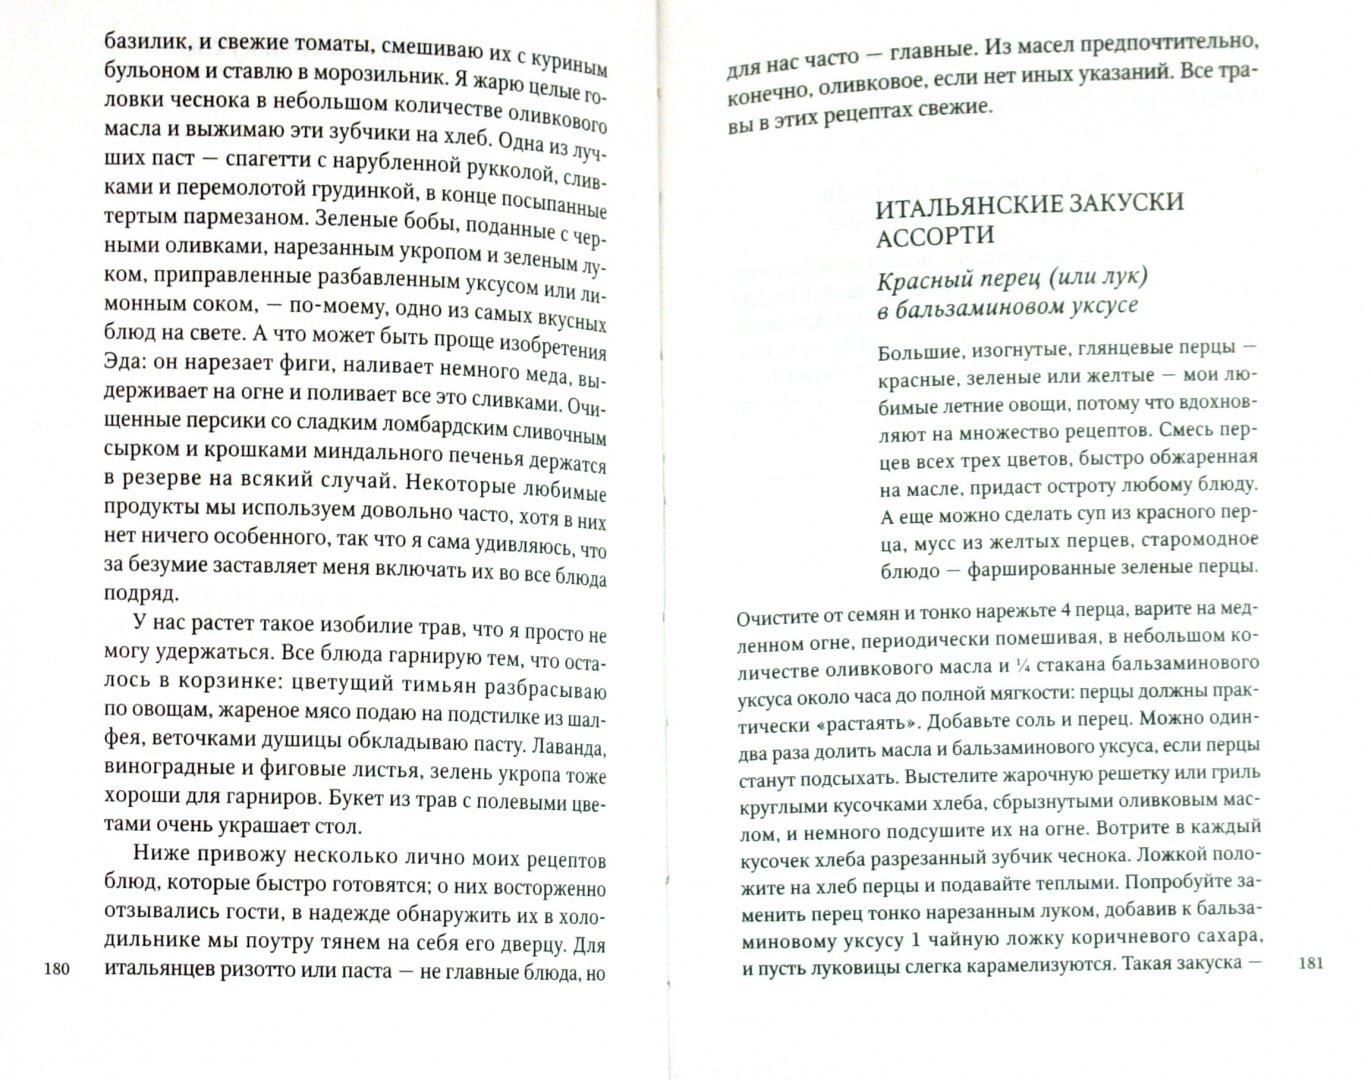 Иллюстрация 1 из 7 для Италия. Под солнцем Тосканы - Фрэнсис Мэйес | Лабиринт - книги. Источник: Лабиринт